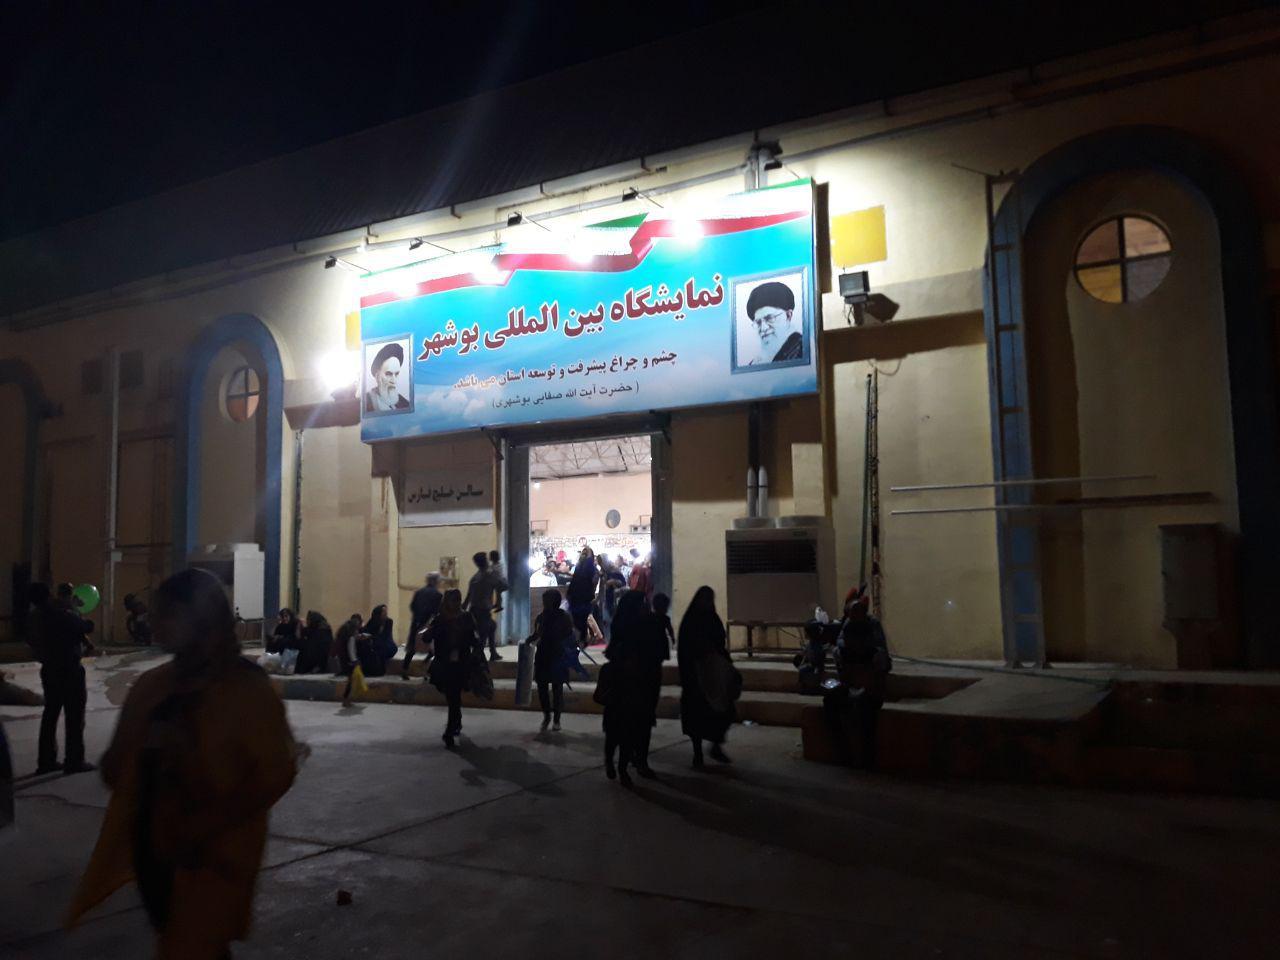 نمایشگاه پاییزه انتظار بوشهریها را برآورده نکرد+تصاویر